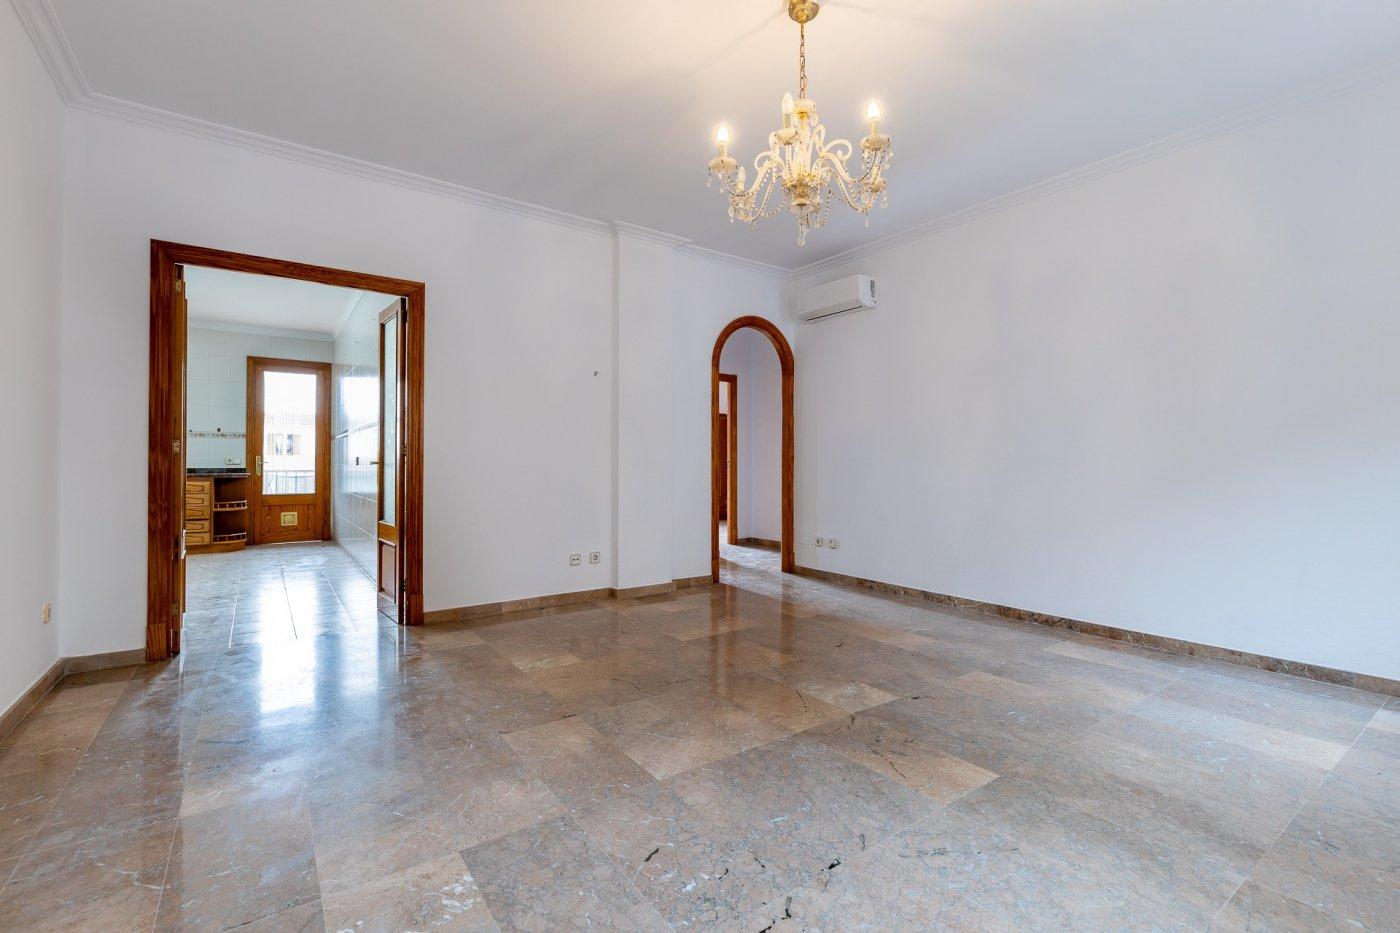 Planta baja y sala adicional de 95 m² con patio de 160 m² - imagenInmueble2